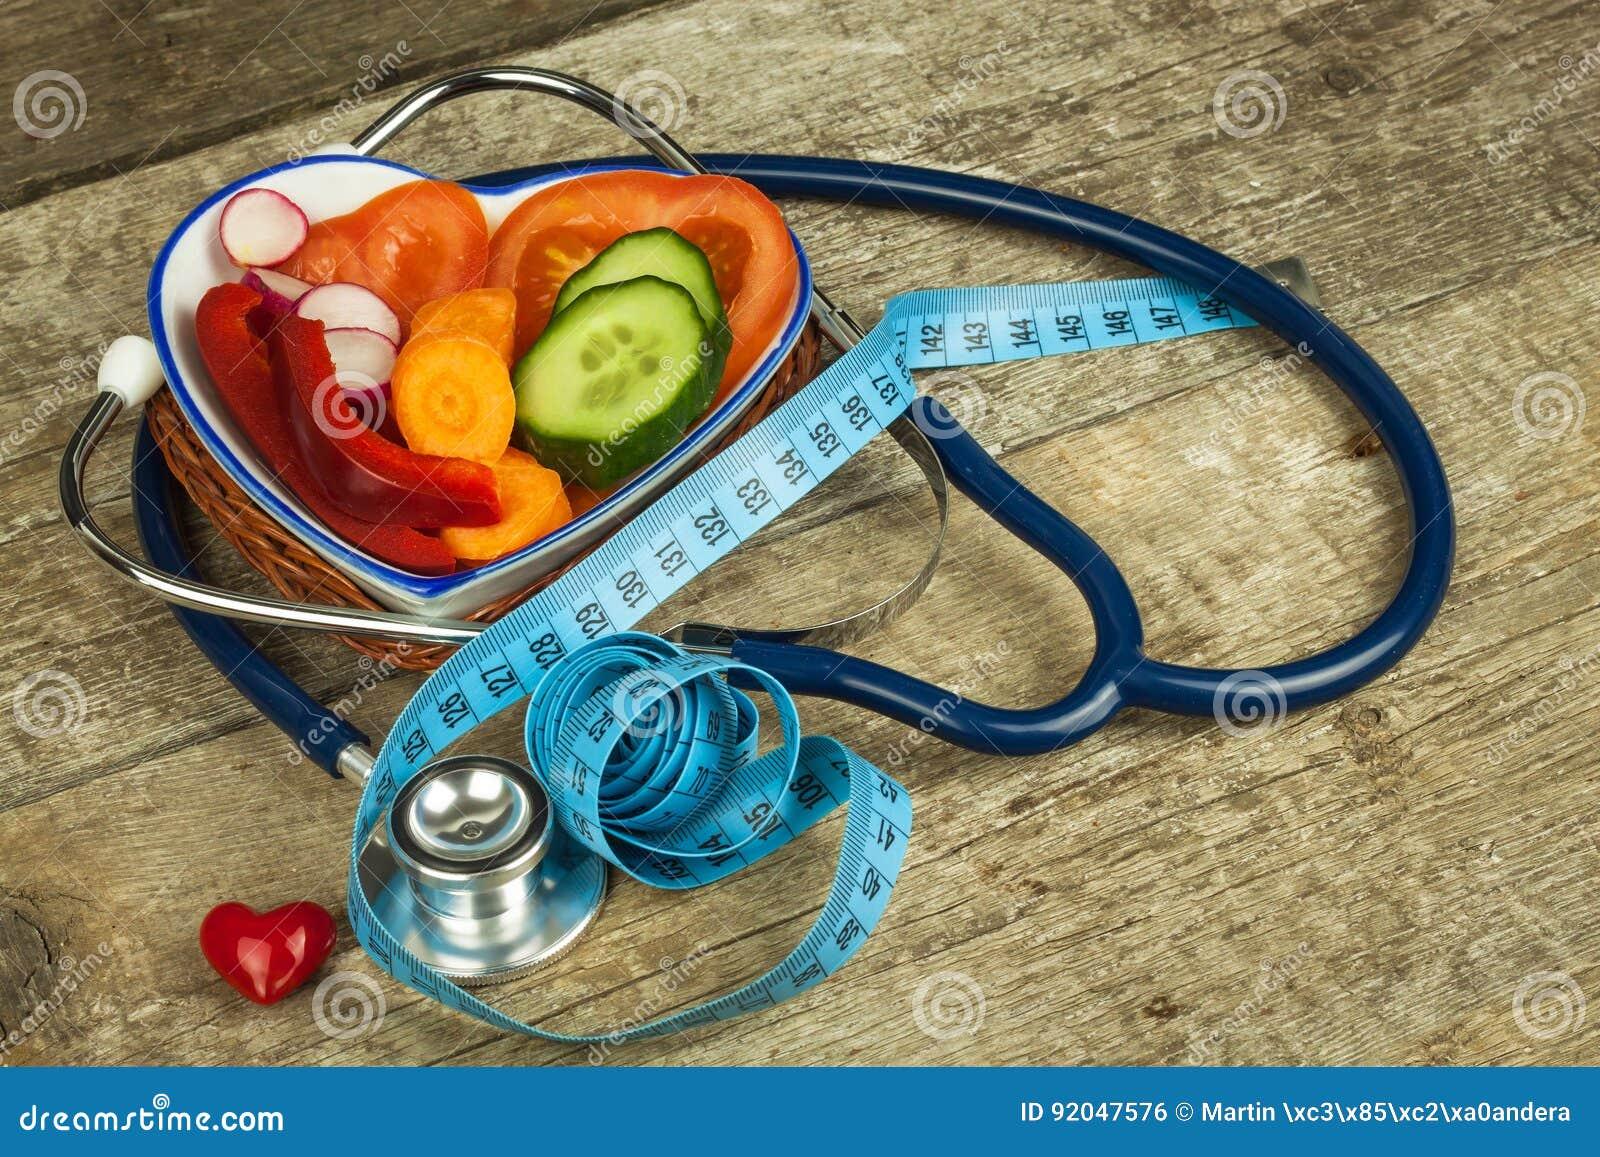 Behandlung von Korpulenz Diät auf einem Holztisch Gesundes Gemüse